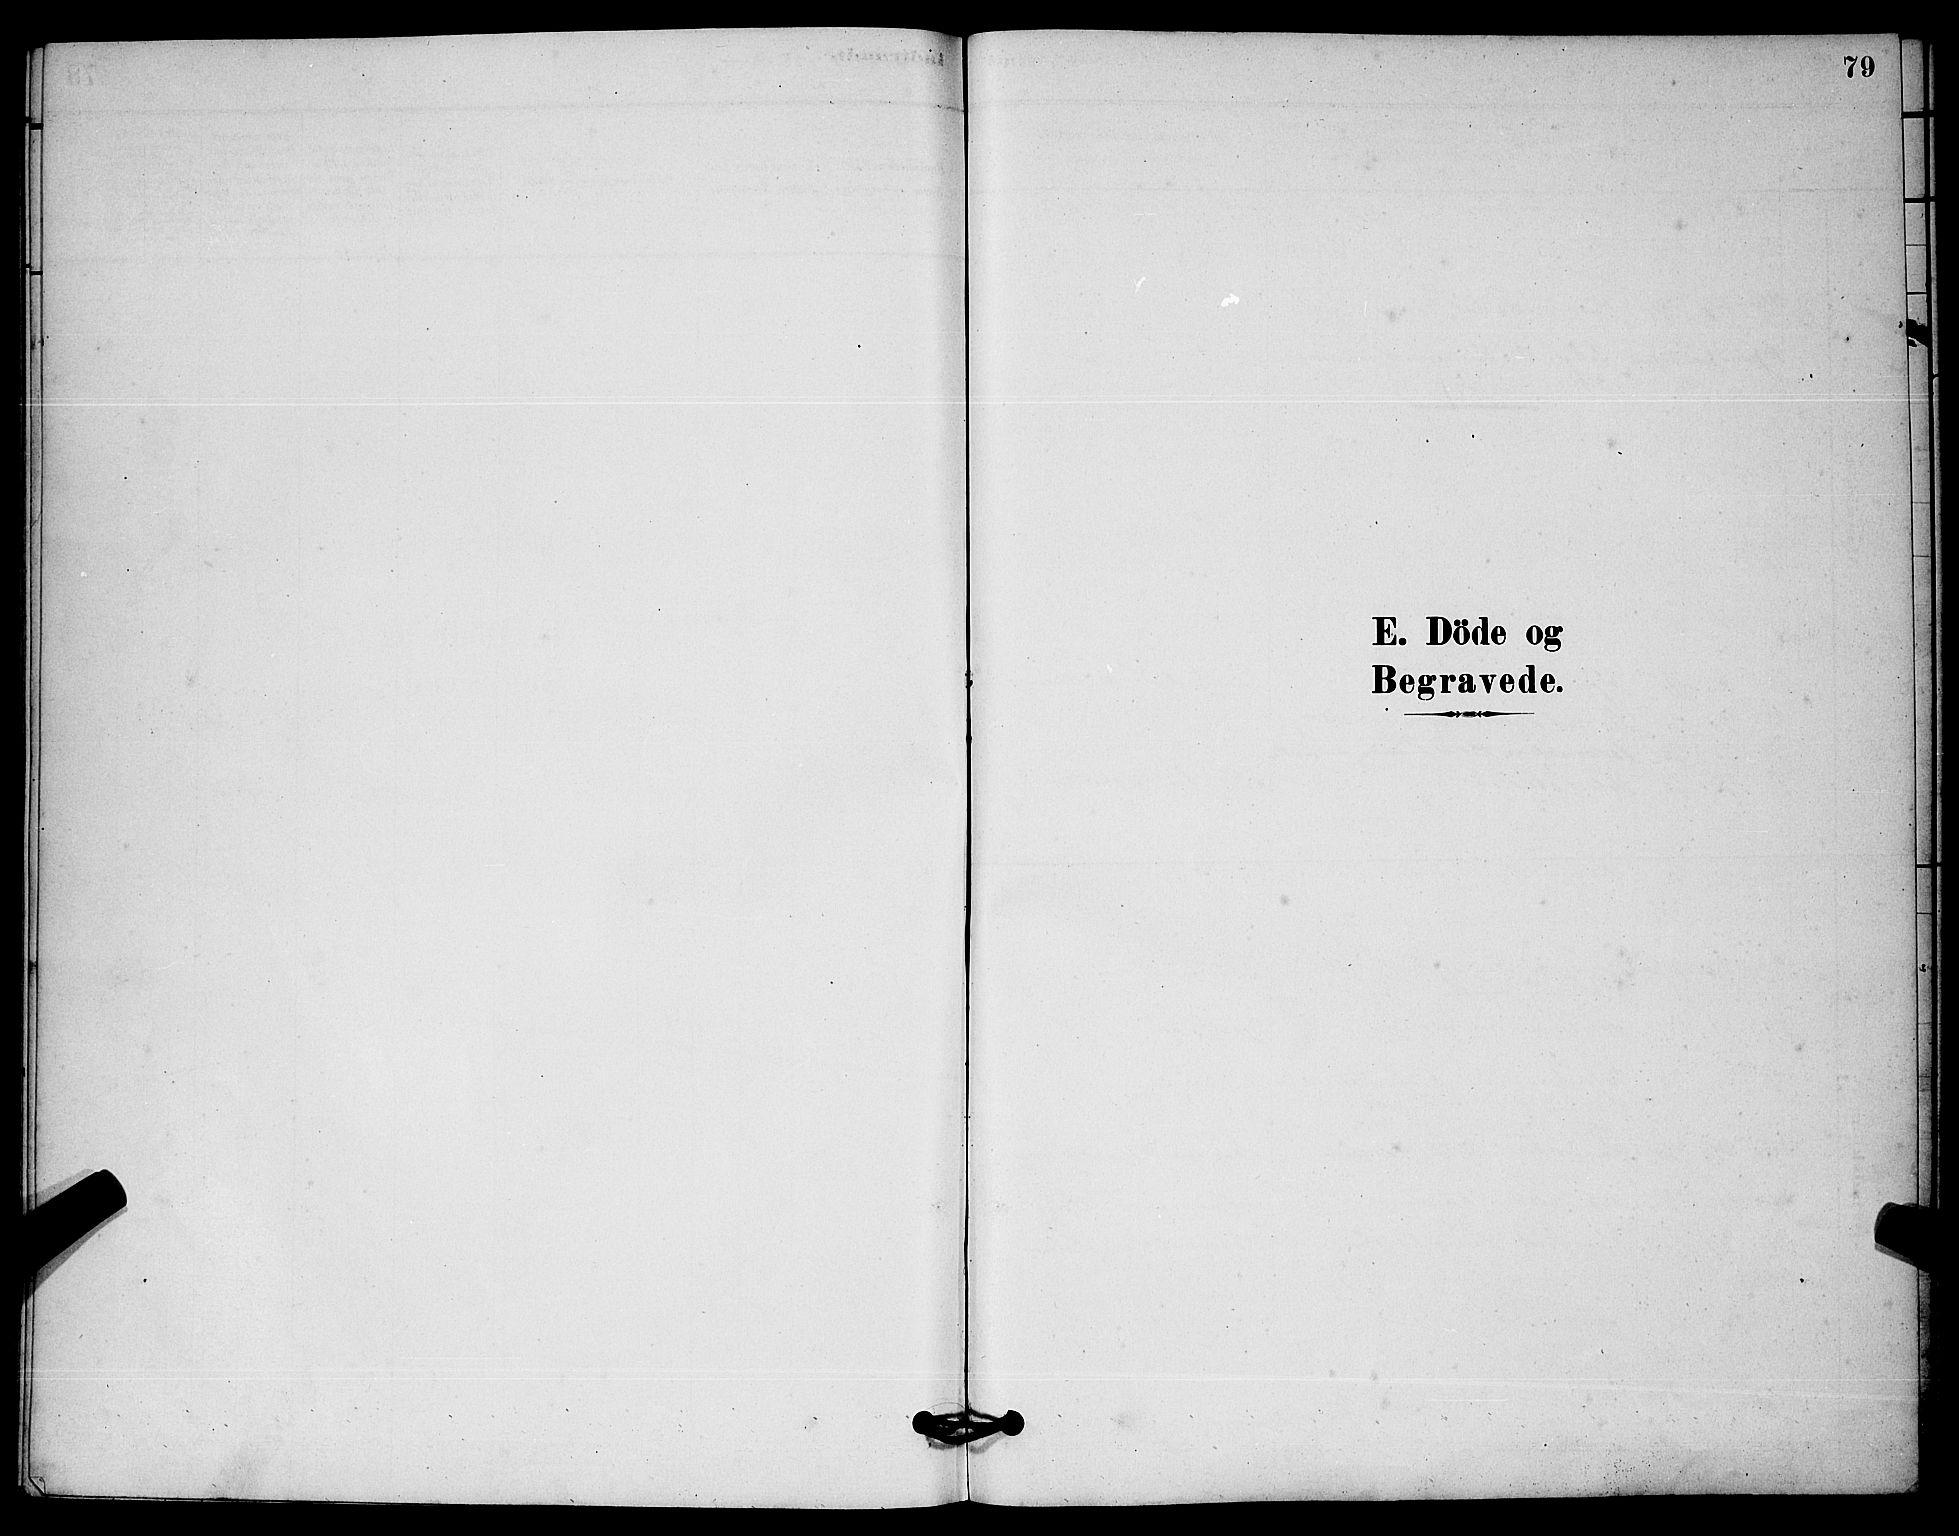 SAKO, Solum kirkebøker, G/Gc/L0001: Klokkerbok nr. III 1, 1880-1902, s. 79